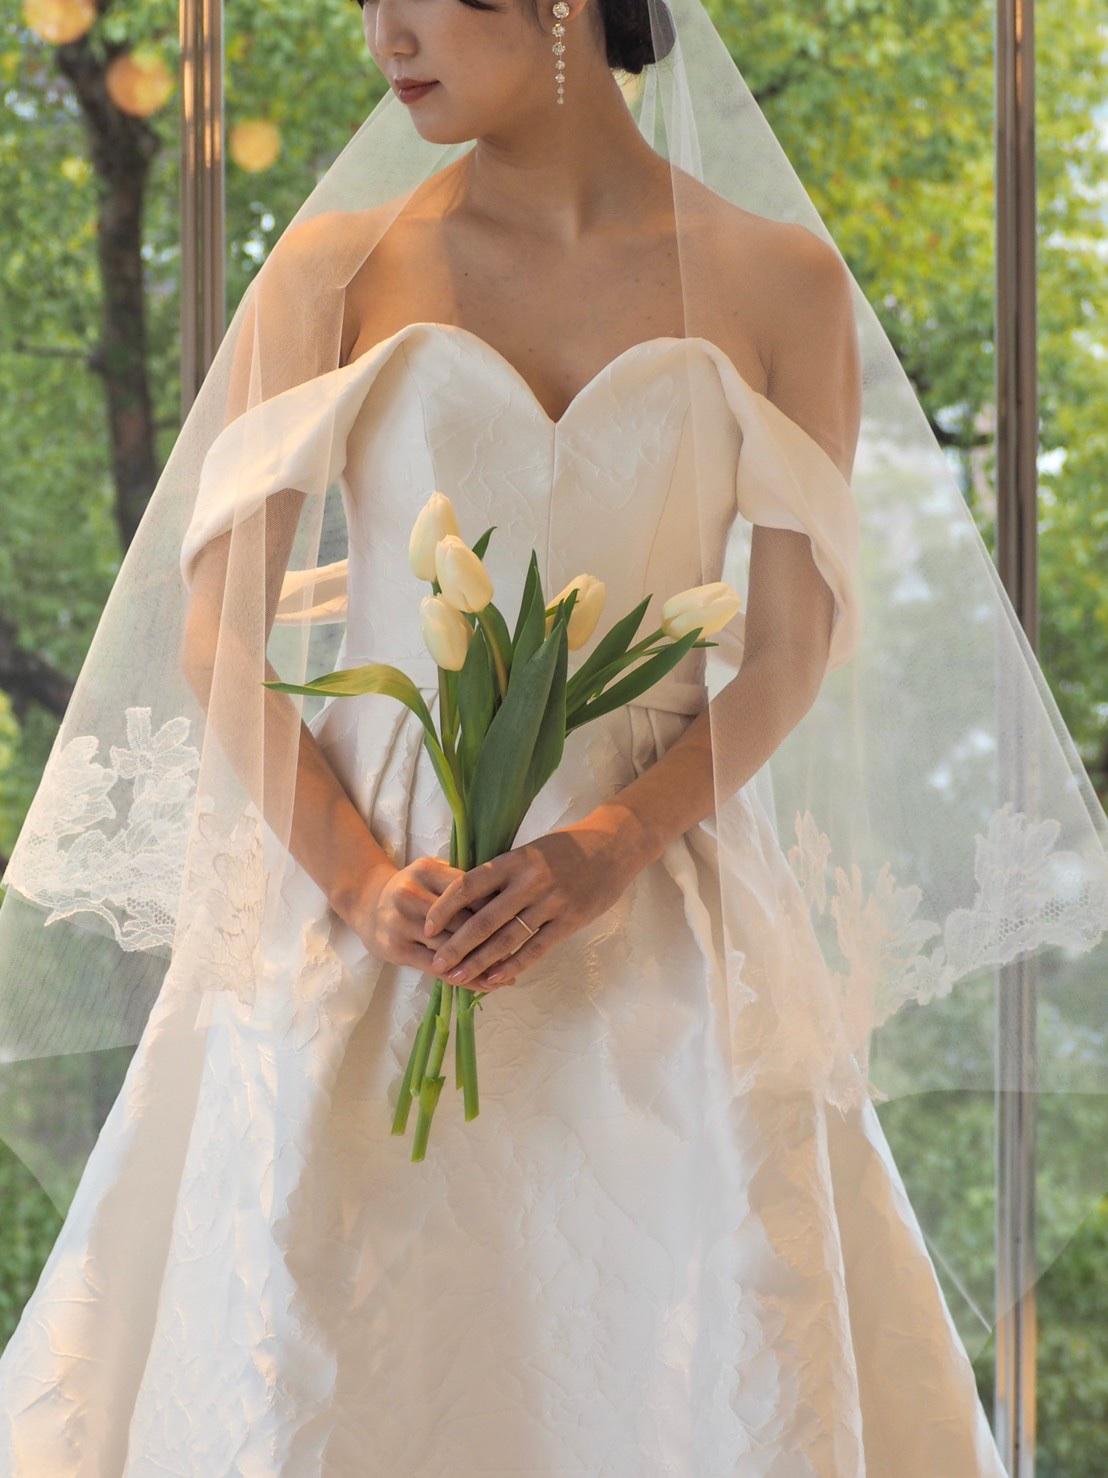 THE TREAT DRESSING神戸店にてお取り扱いのあるデコルテが美しいキャロリーナ・ヘレラのオフショルダーウェディングドレスとコーディネートのご紹介